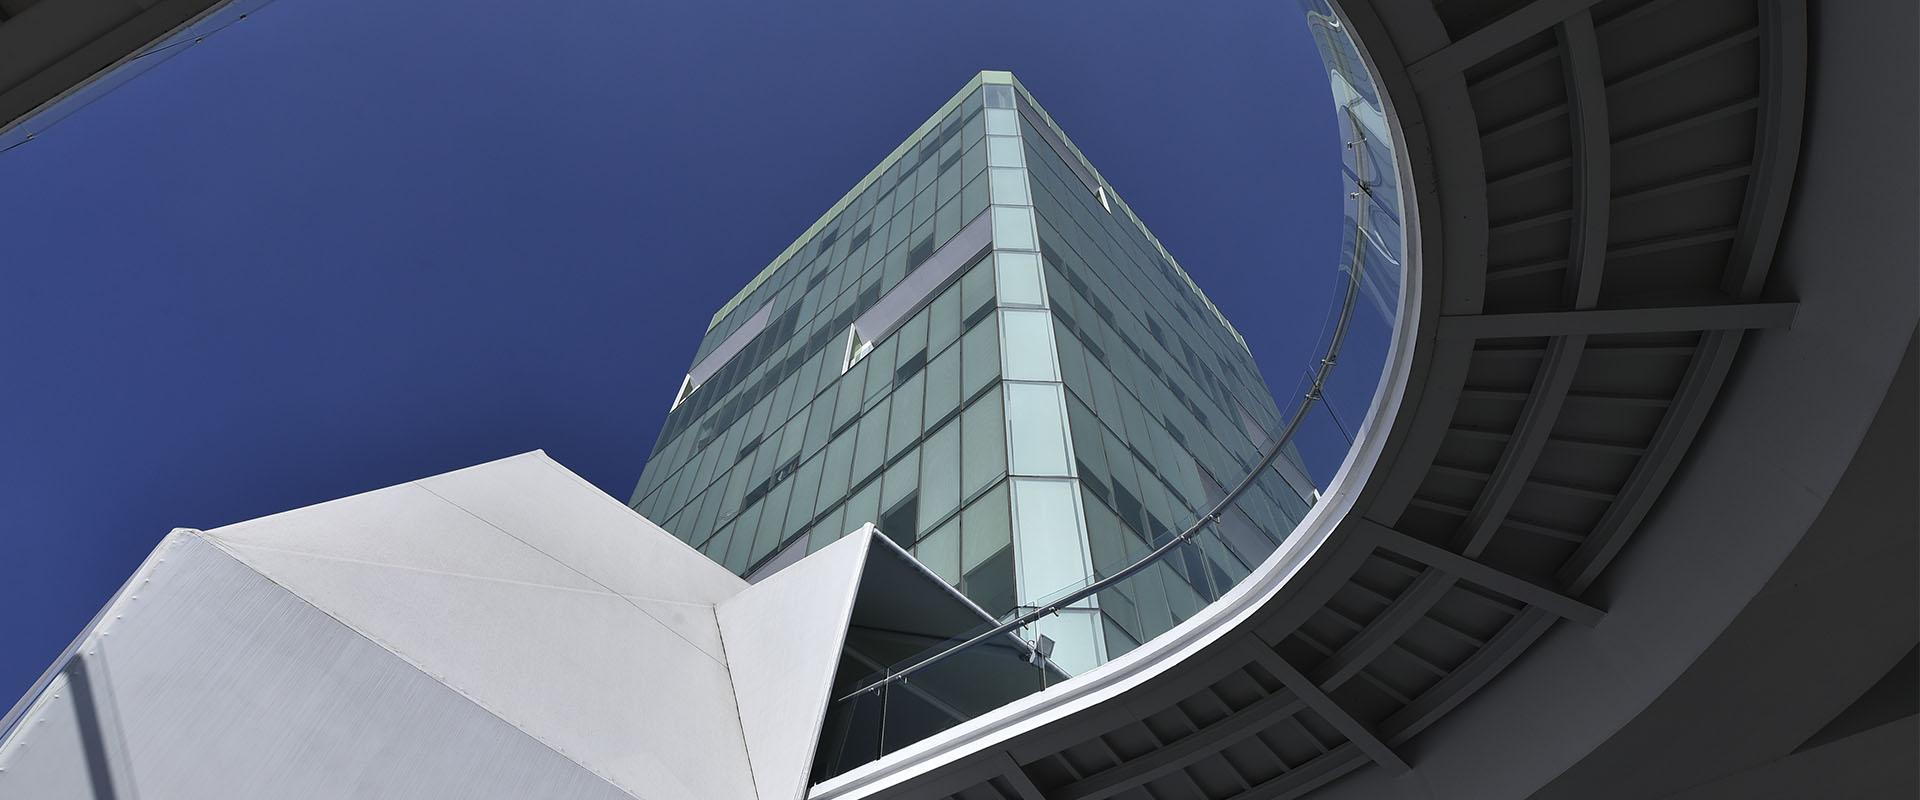 Nuestra Torre Financiera está ubicada en la mejor zona comercial de Morelia, ofreciendo cercanía a Centros Comerciales, Hoteles y Espacios de Convenciones, contamos con 12 niveles que se adecuan a las necesidades de tu negocio.